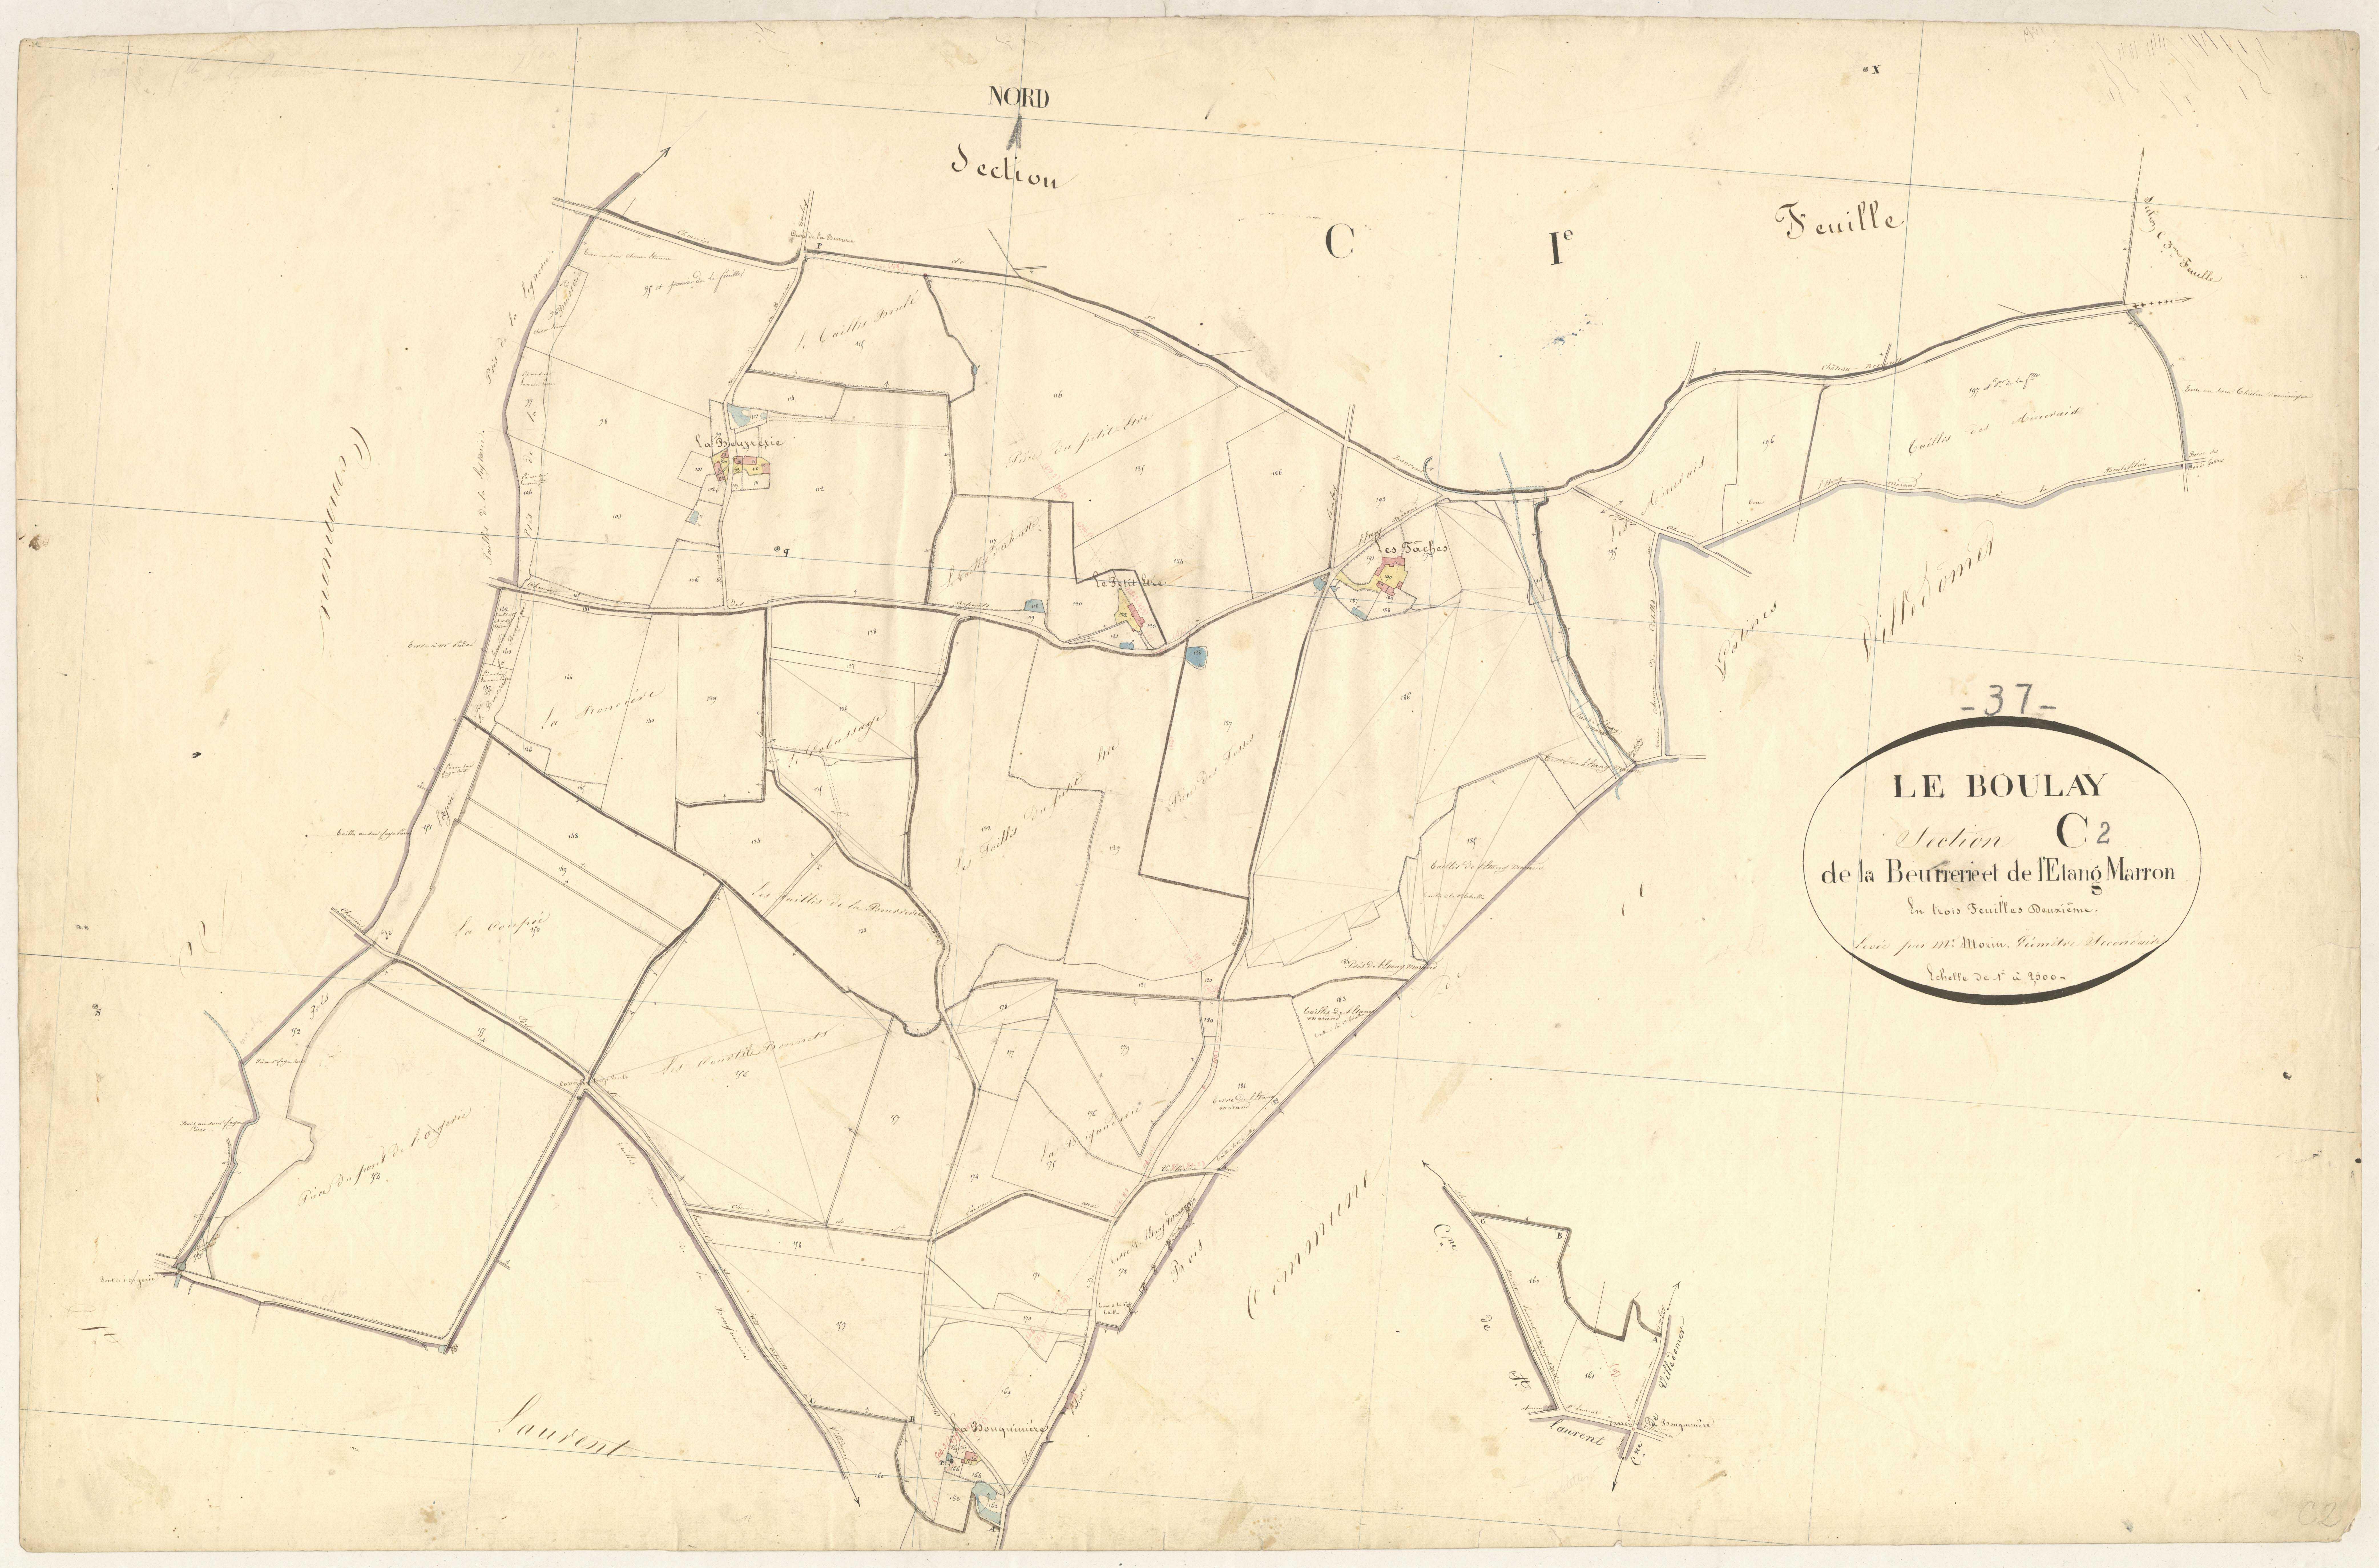 Section C2 de la Beurrerie et de l'Etang Marron